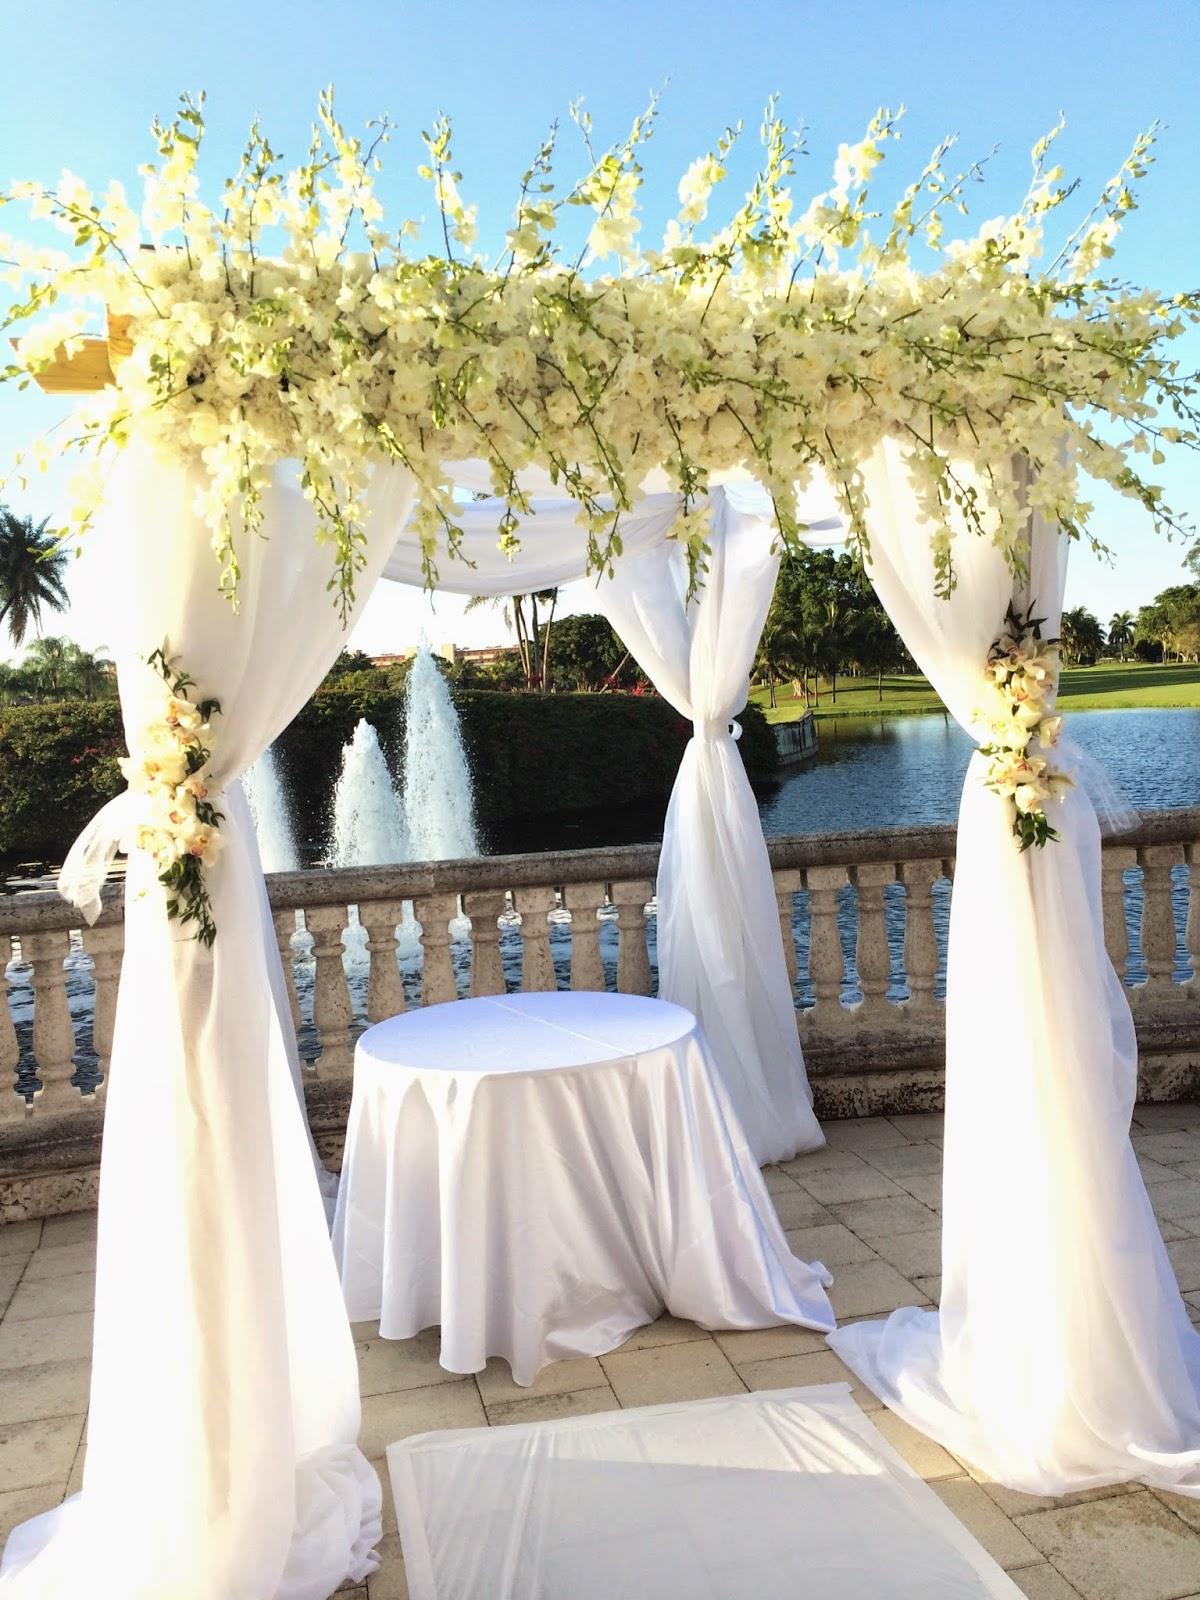 White Wedding Gazebo Images Reverse Search